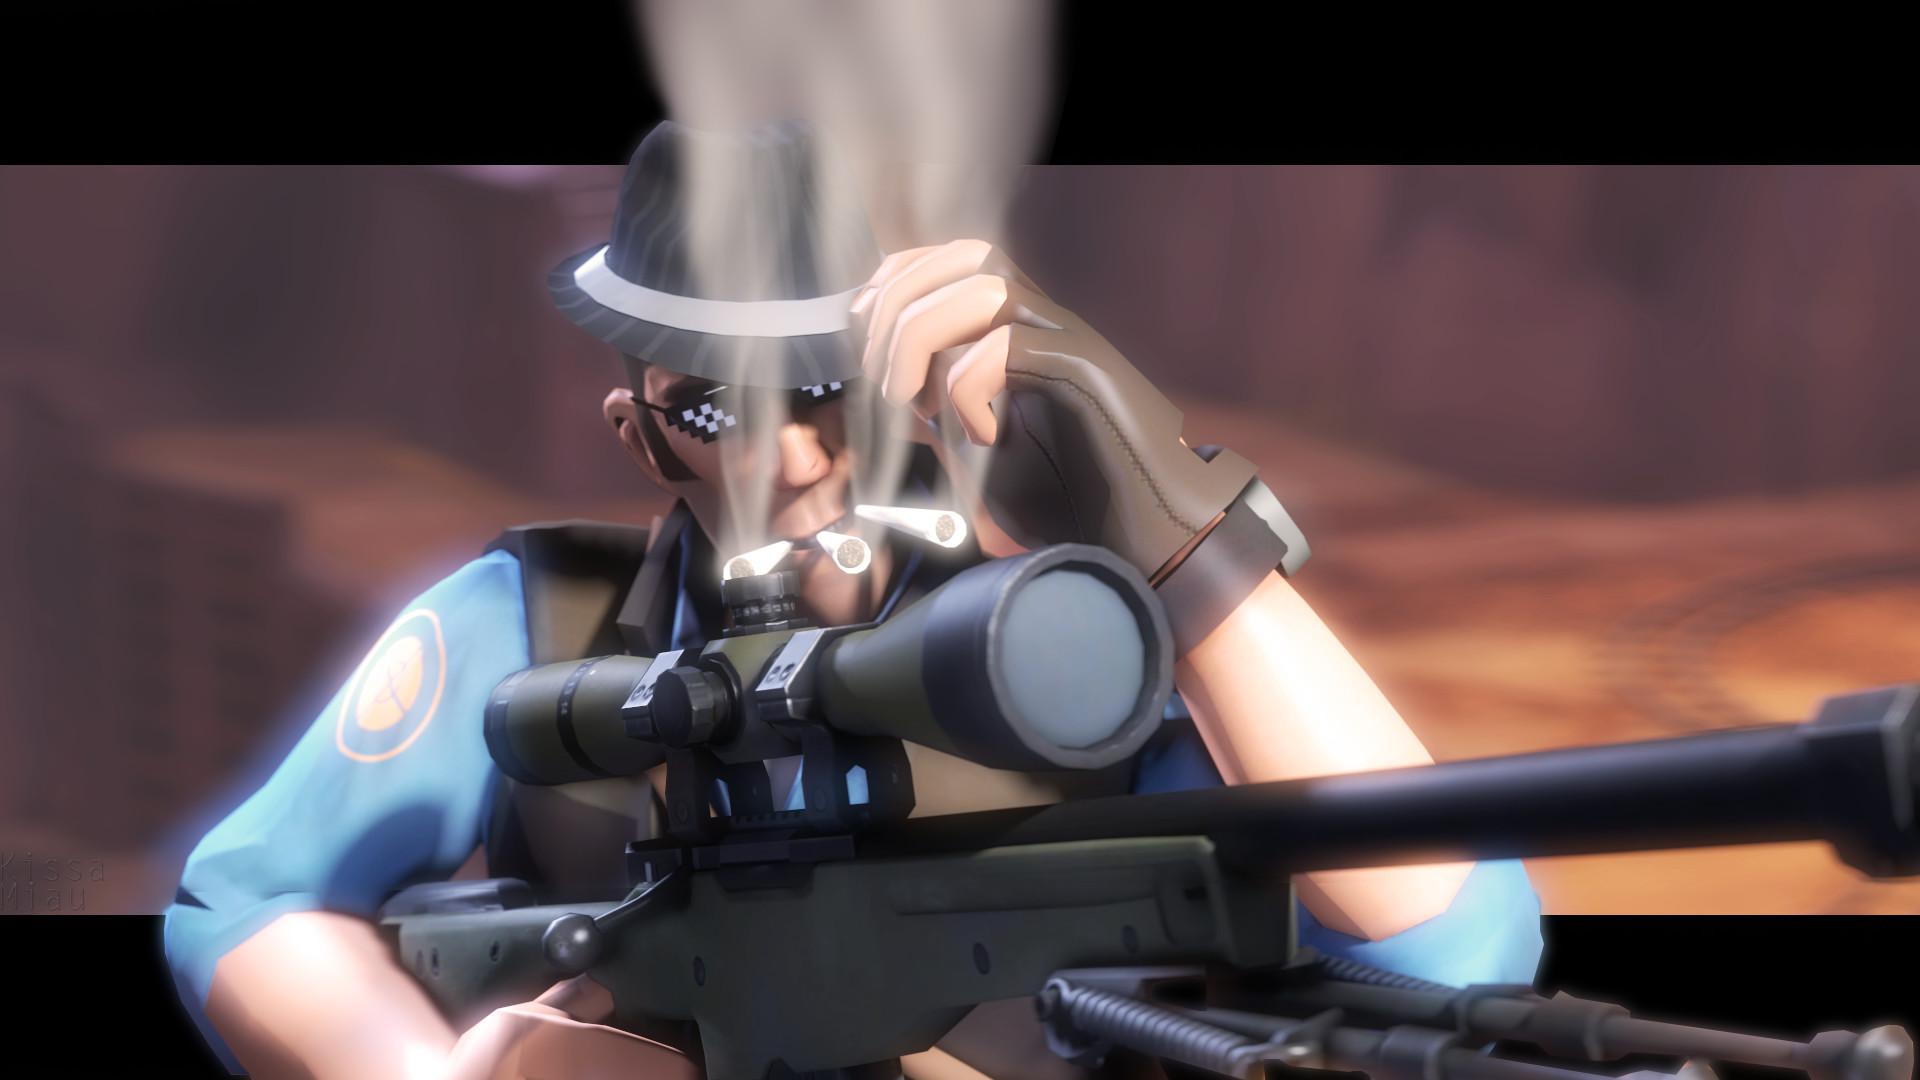 MLG Sniper